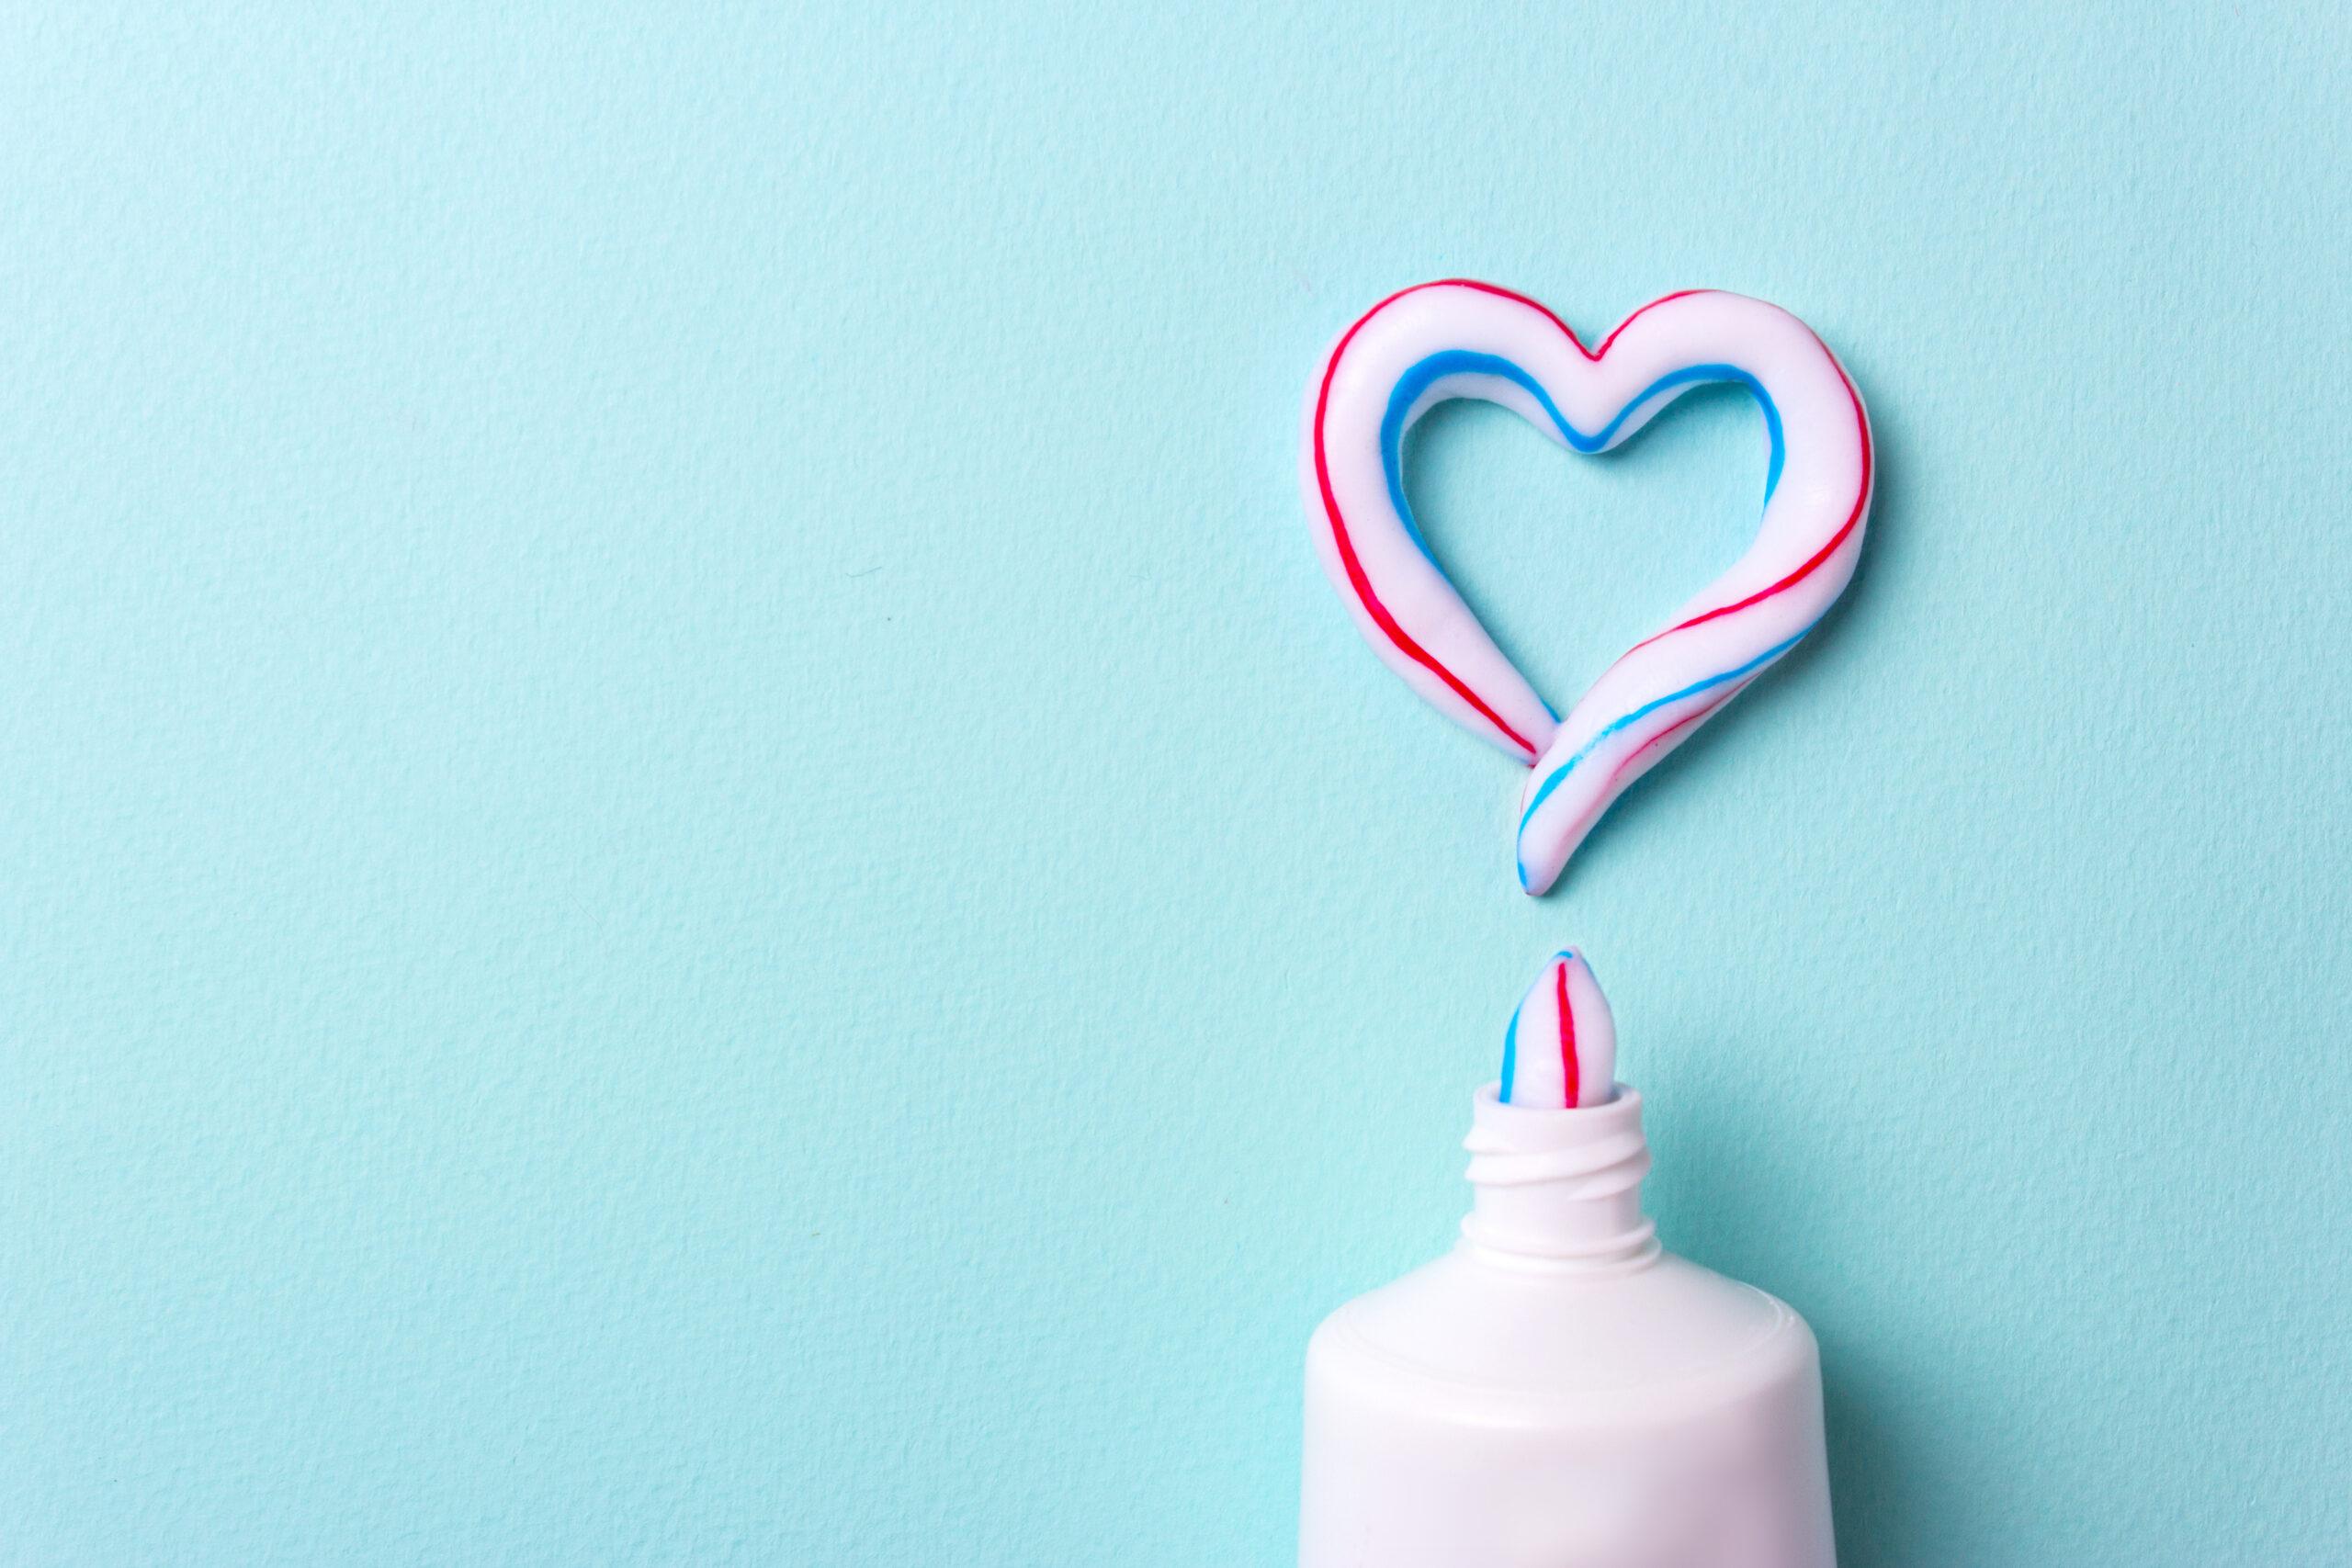 歯磨きは朝よりも夜